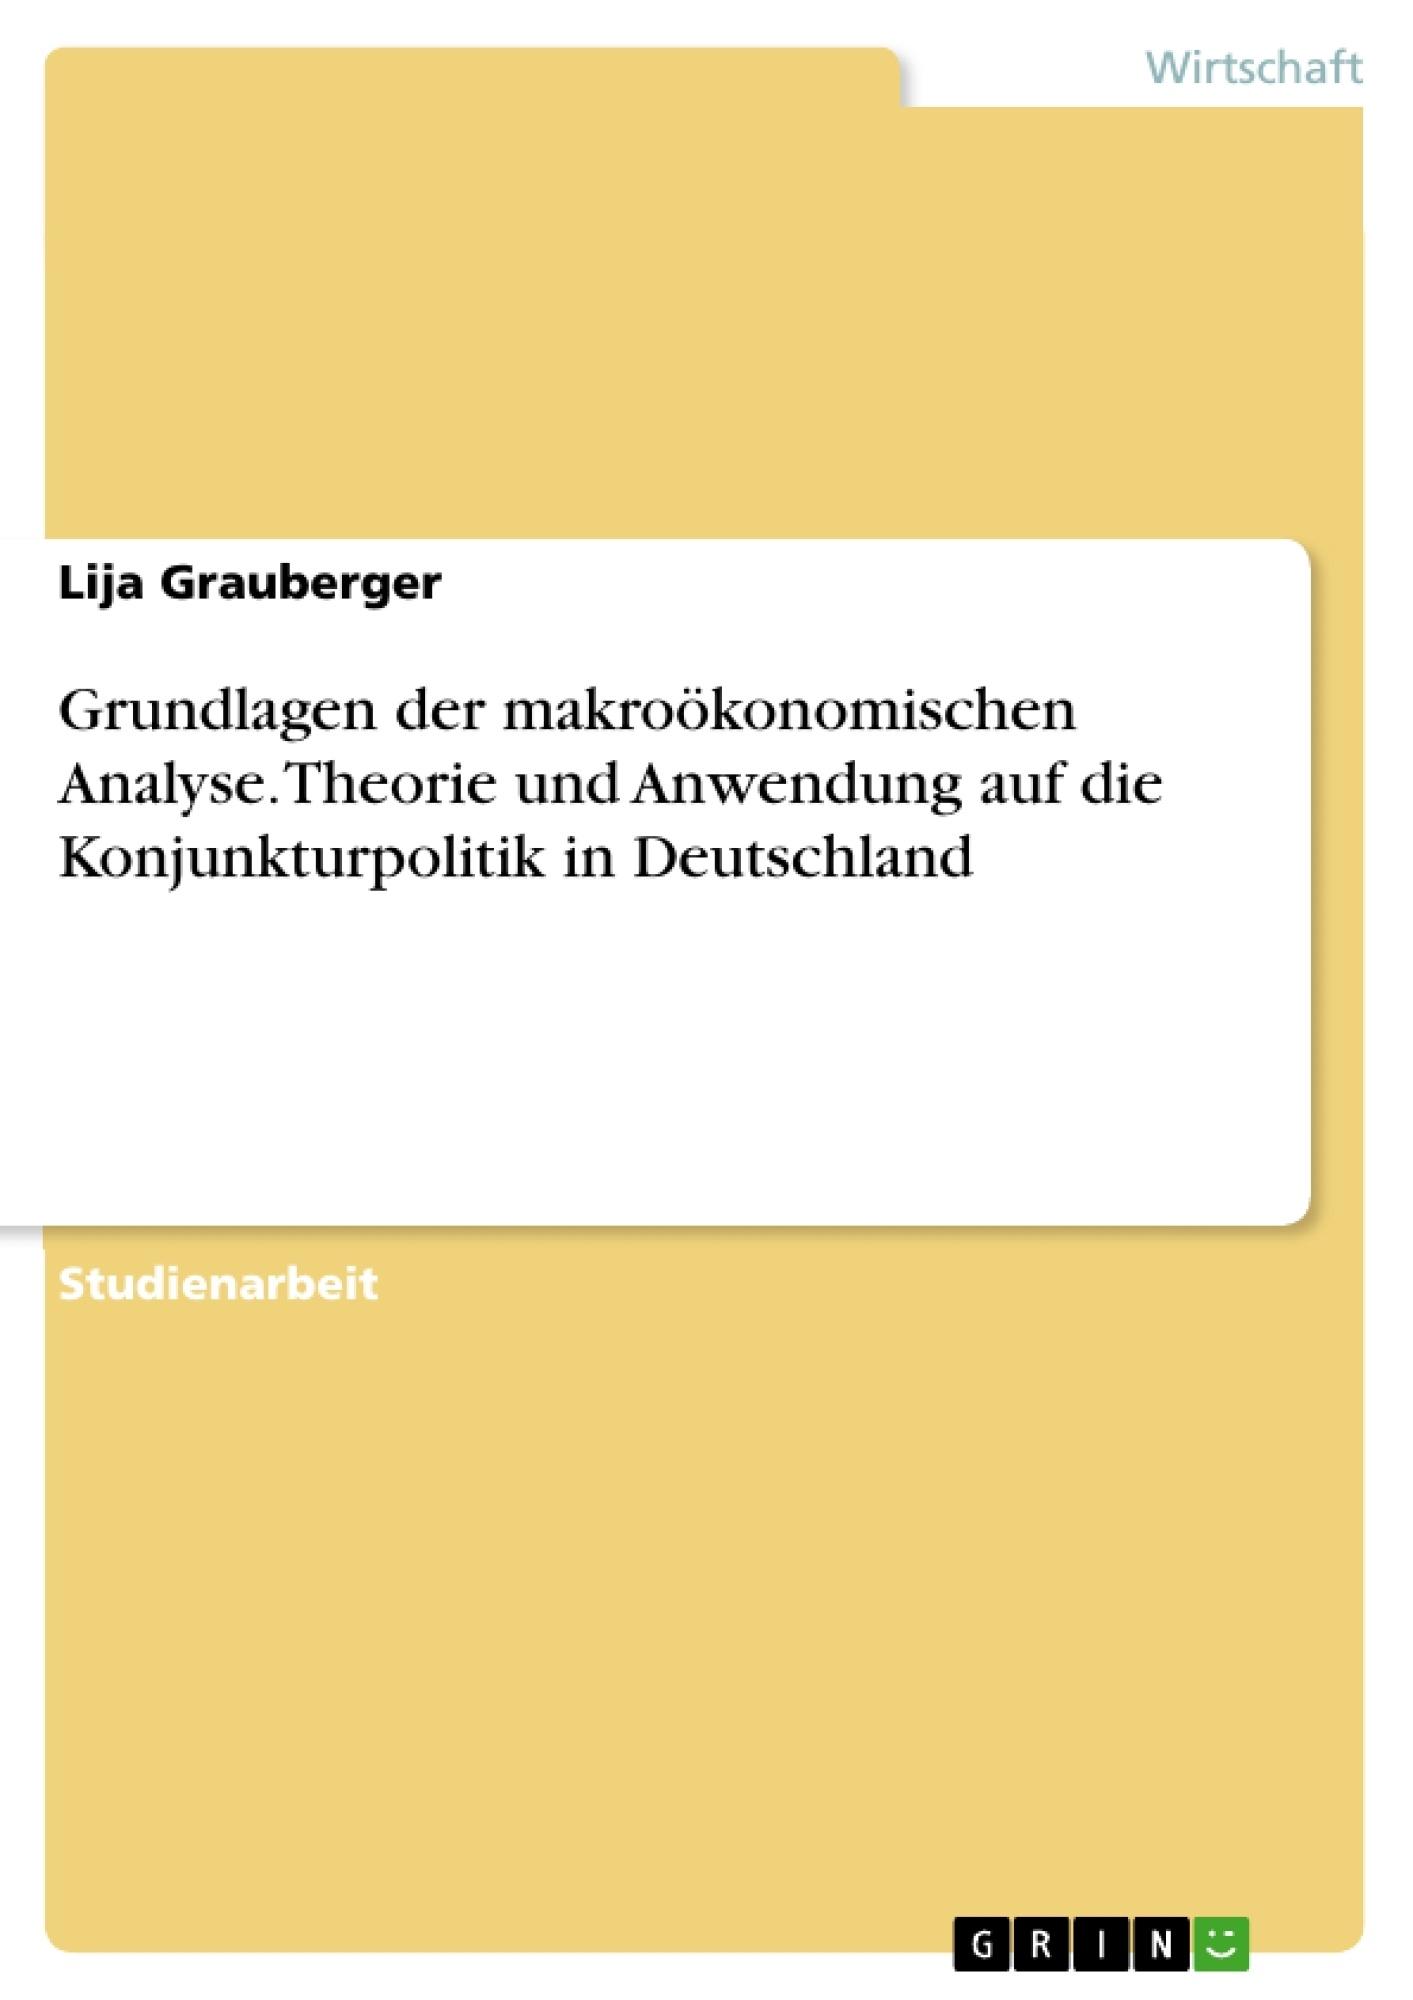 Titel: Grundlagen der makroökonomischen Analyse. Theorie und Anwendung auf die Konjunkturpolitik in Deutschland